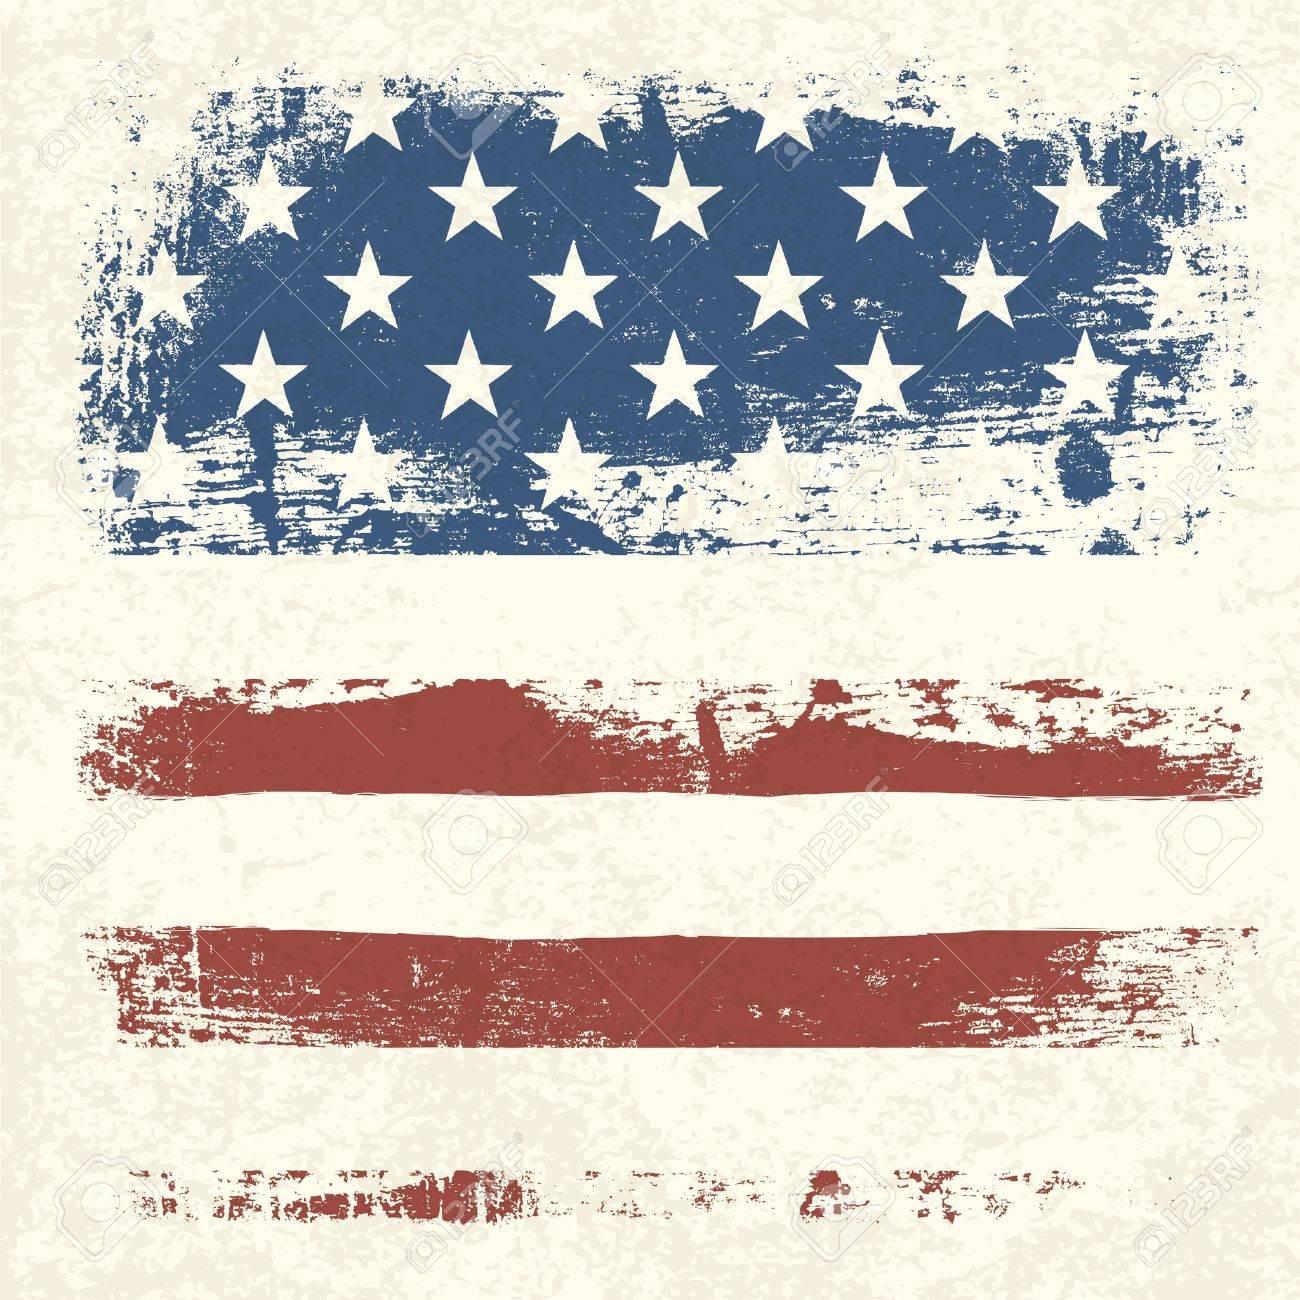 Rustic American Flag Wallpaper 12286122-american-flag-vintage